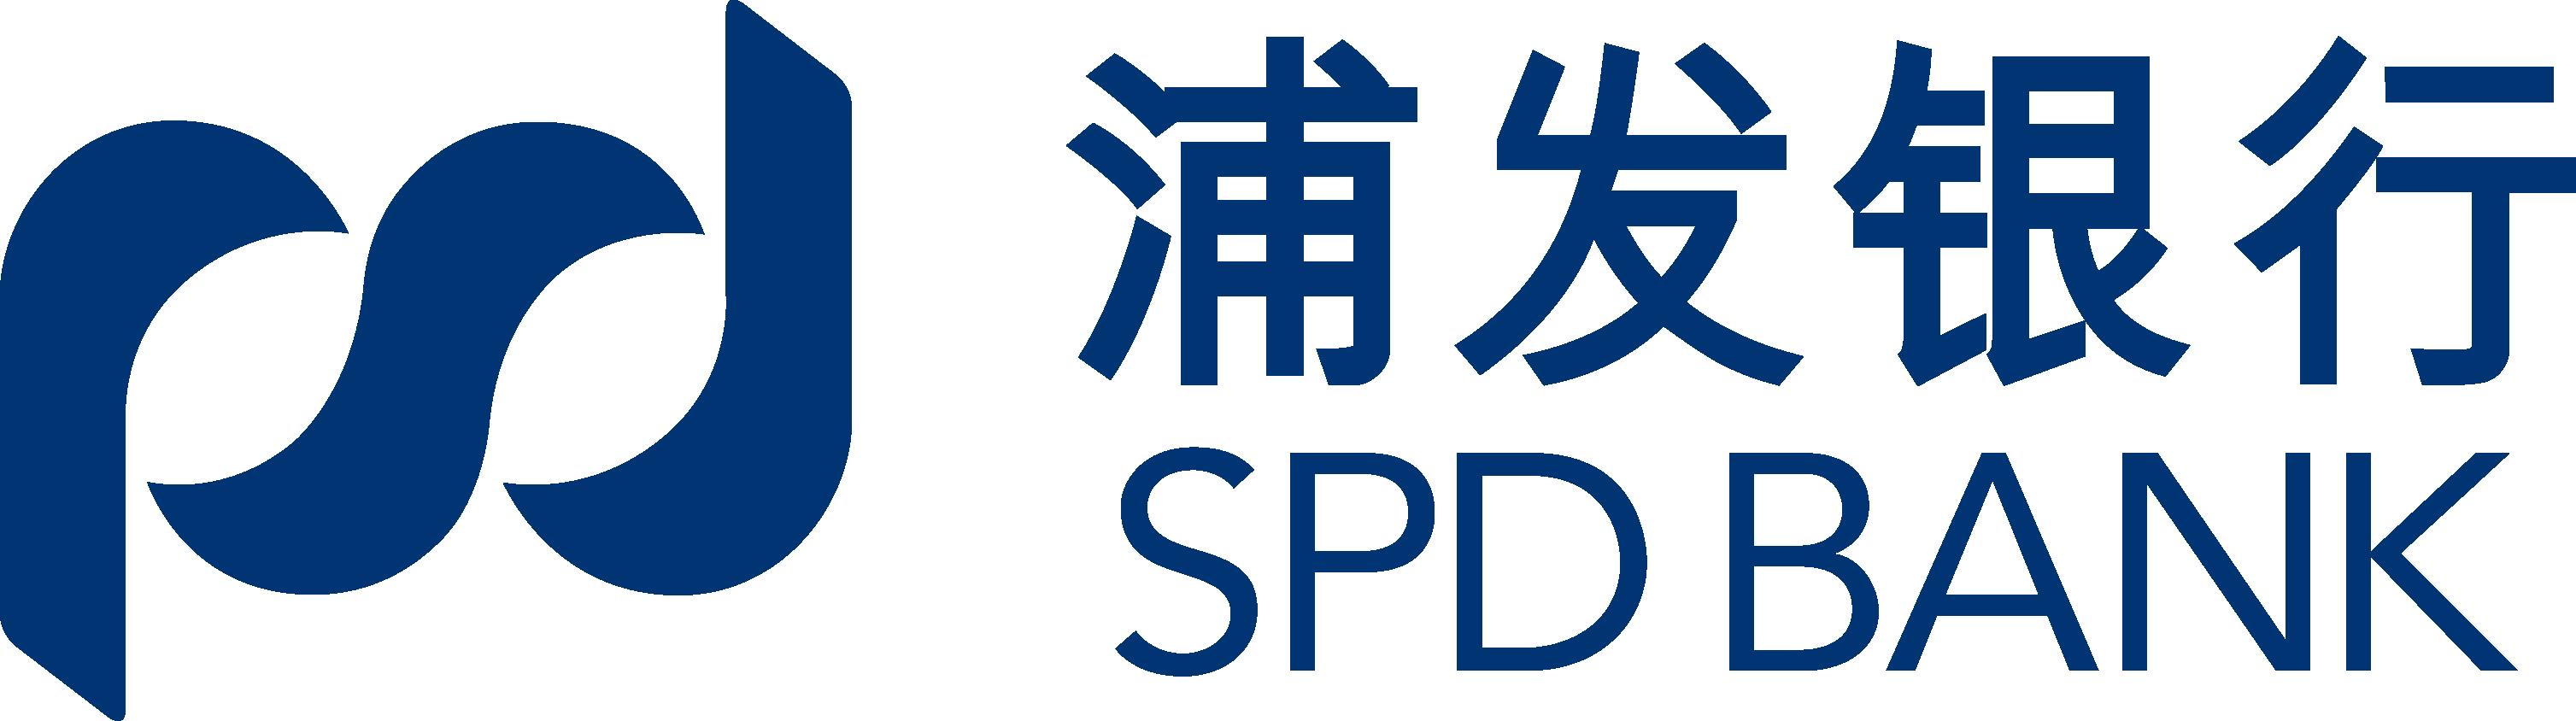 浦发银行(SPD BANK)